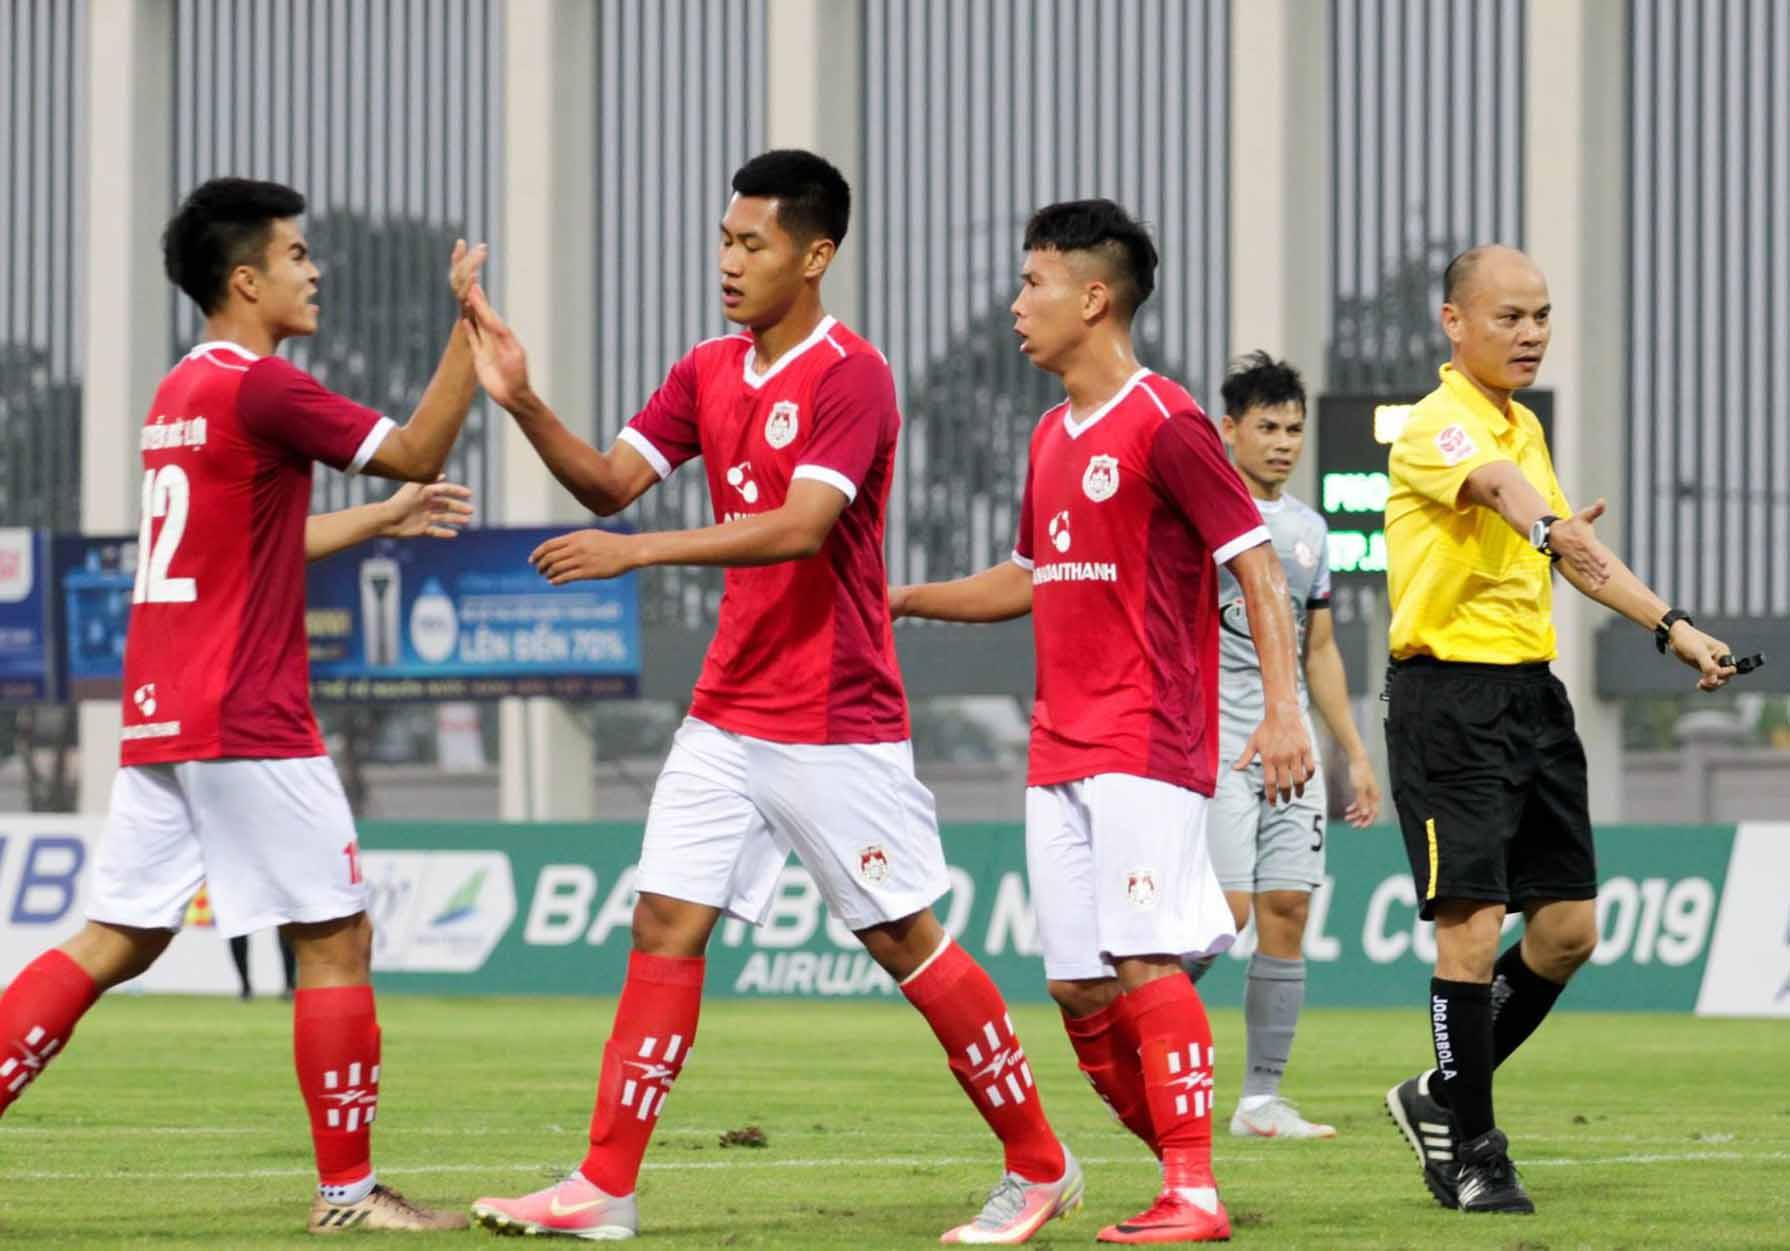 CHÍNH THỨC: Đội bóng của Martin Lo tậu cựu sao ĐT Việt Nam nâng cấp hàng thủ (Bữu Ngọc) - Bóng Đá